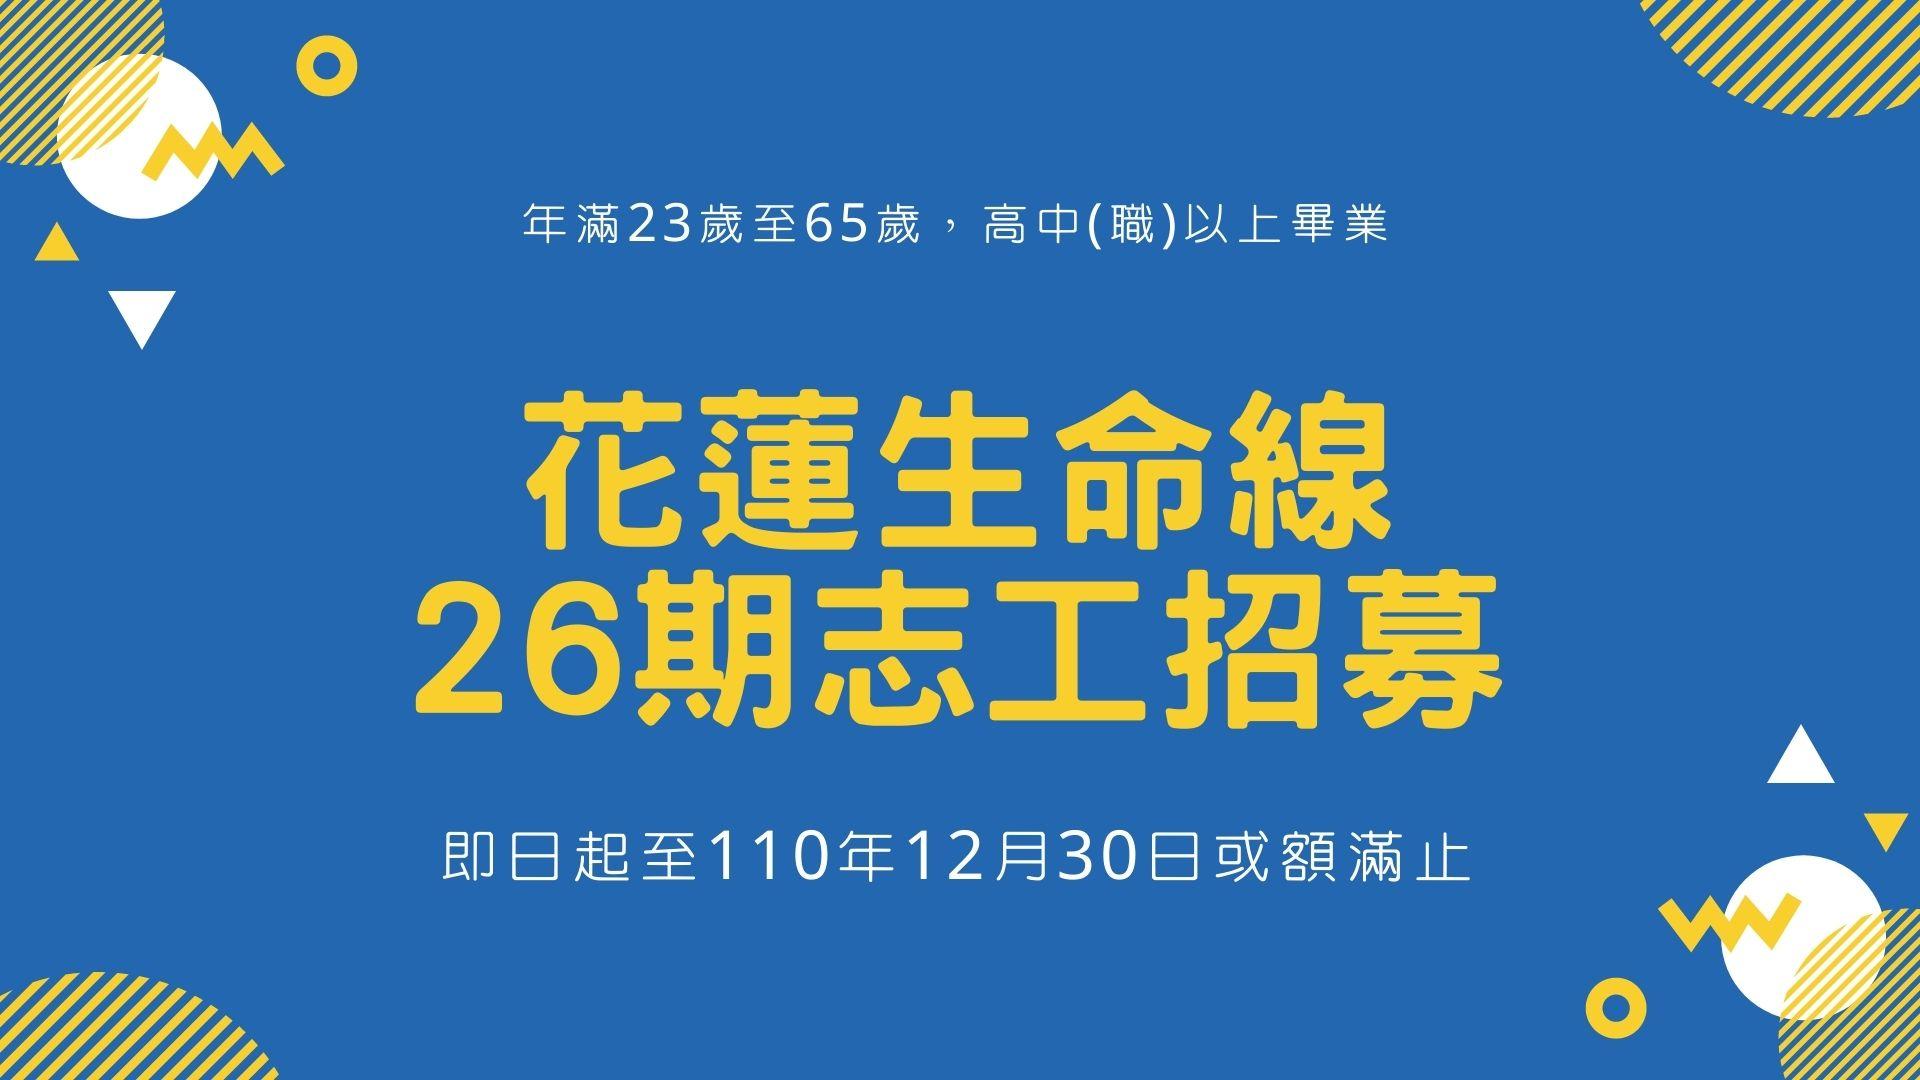 花蓮生命線26期志工招募